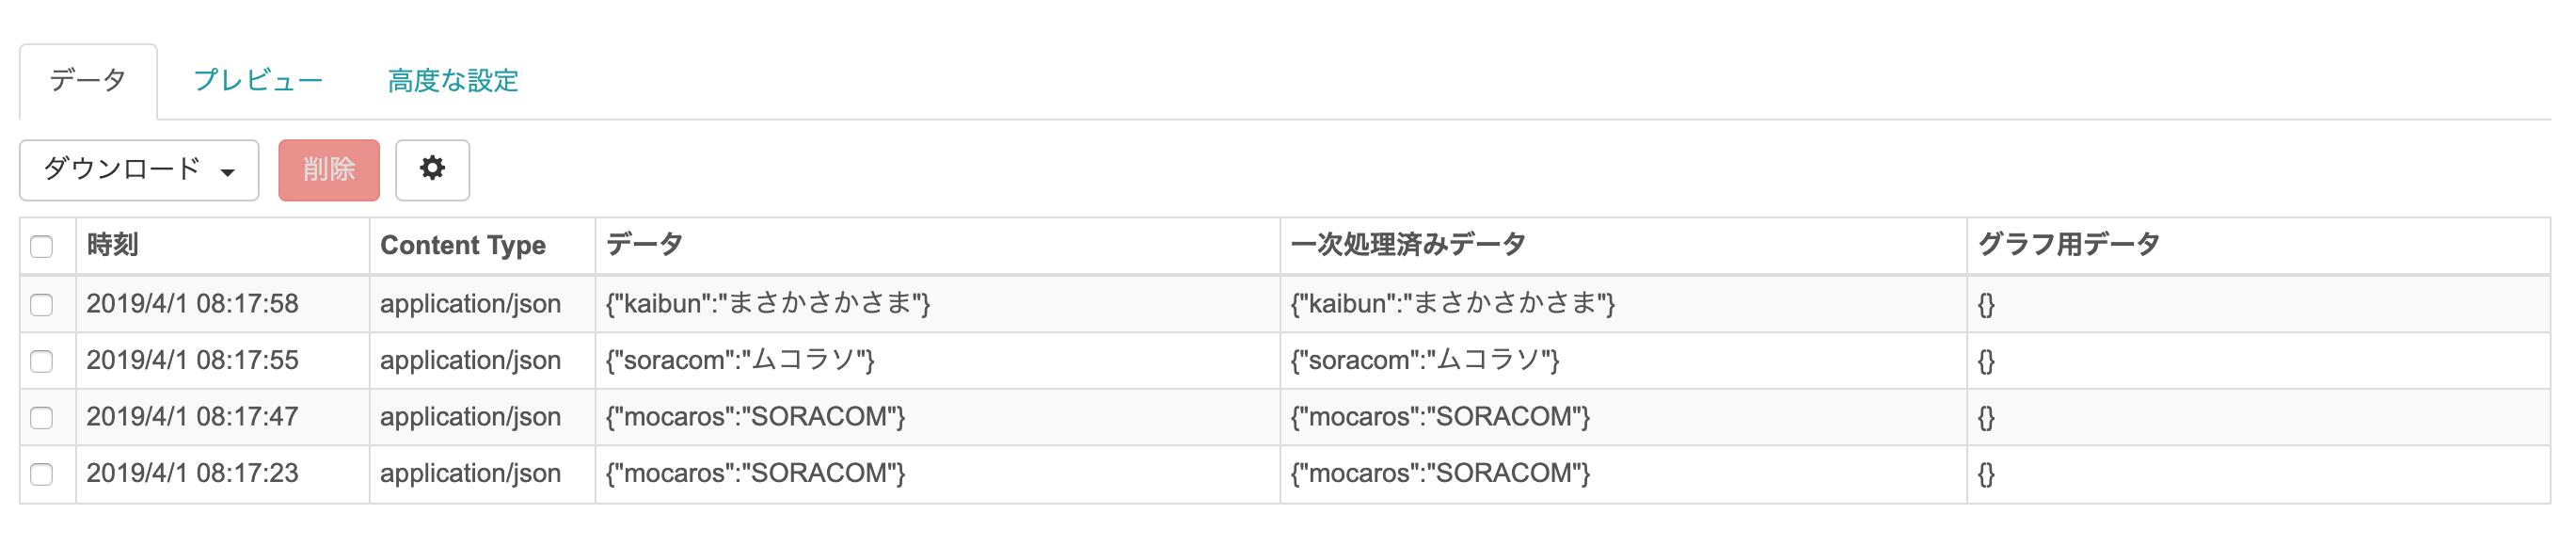 スクリーンショット 2019-04-01 8.18.17.png